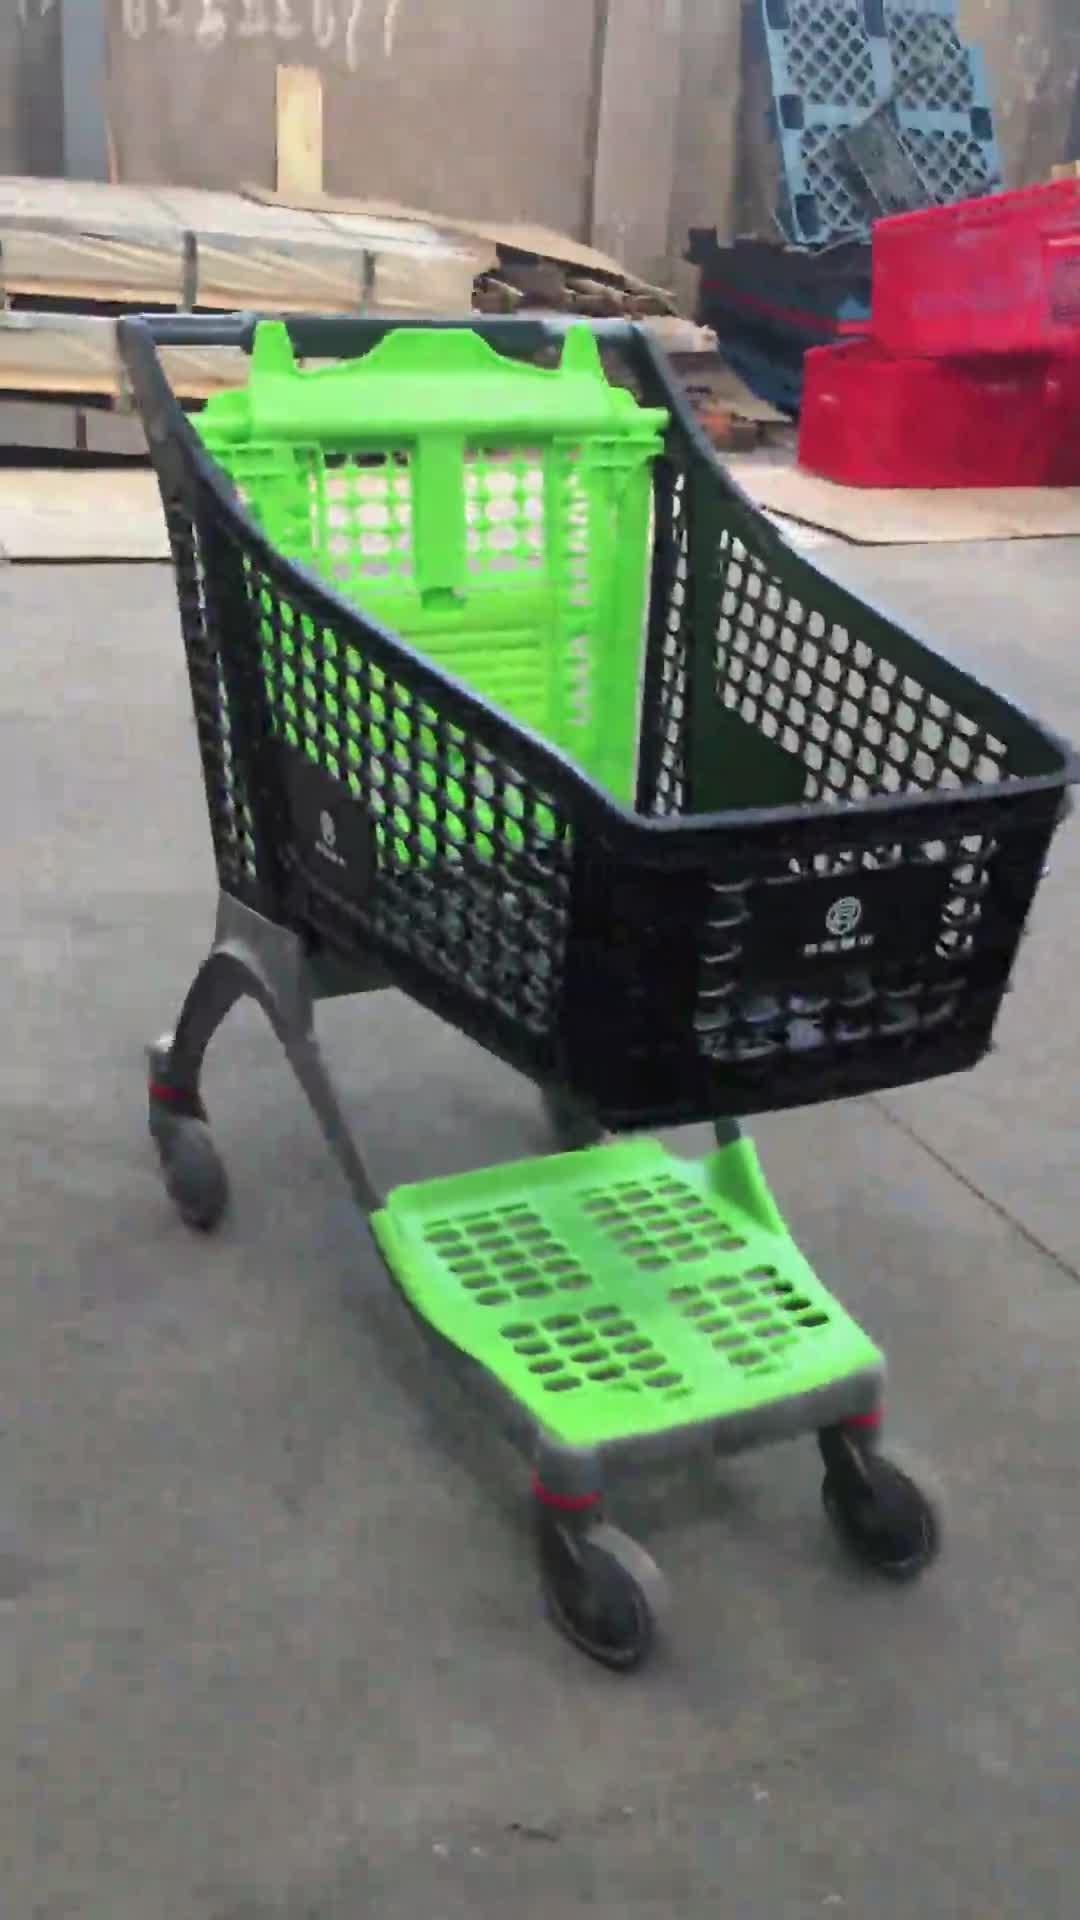 Nuovo stile all plastica carrello della spesa di plastica negozio supermercato carrello della spesa